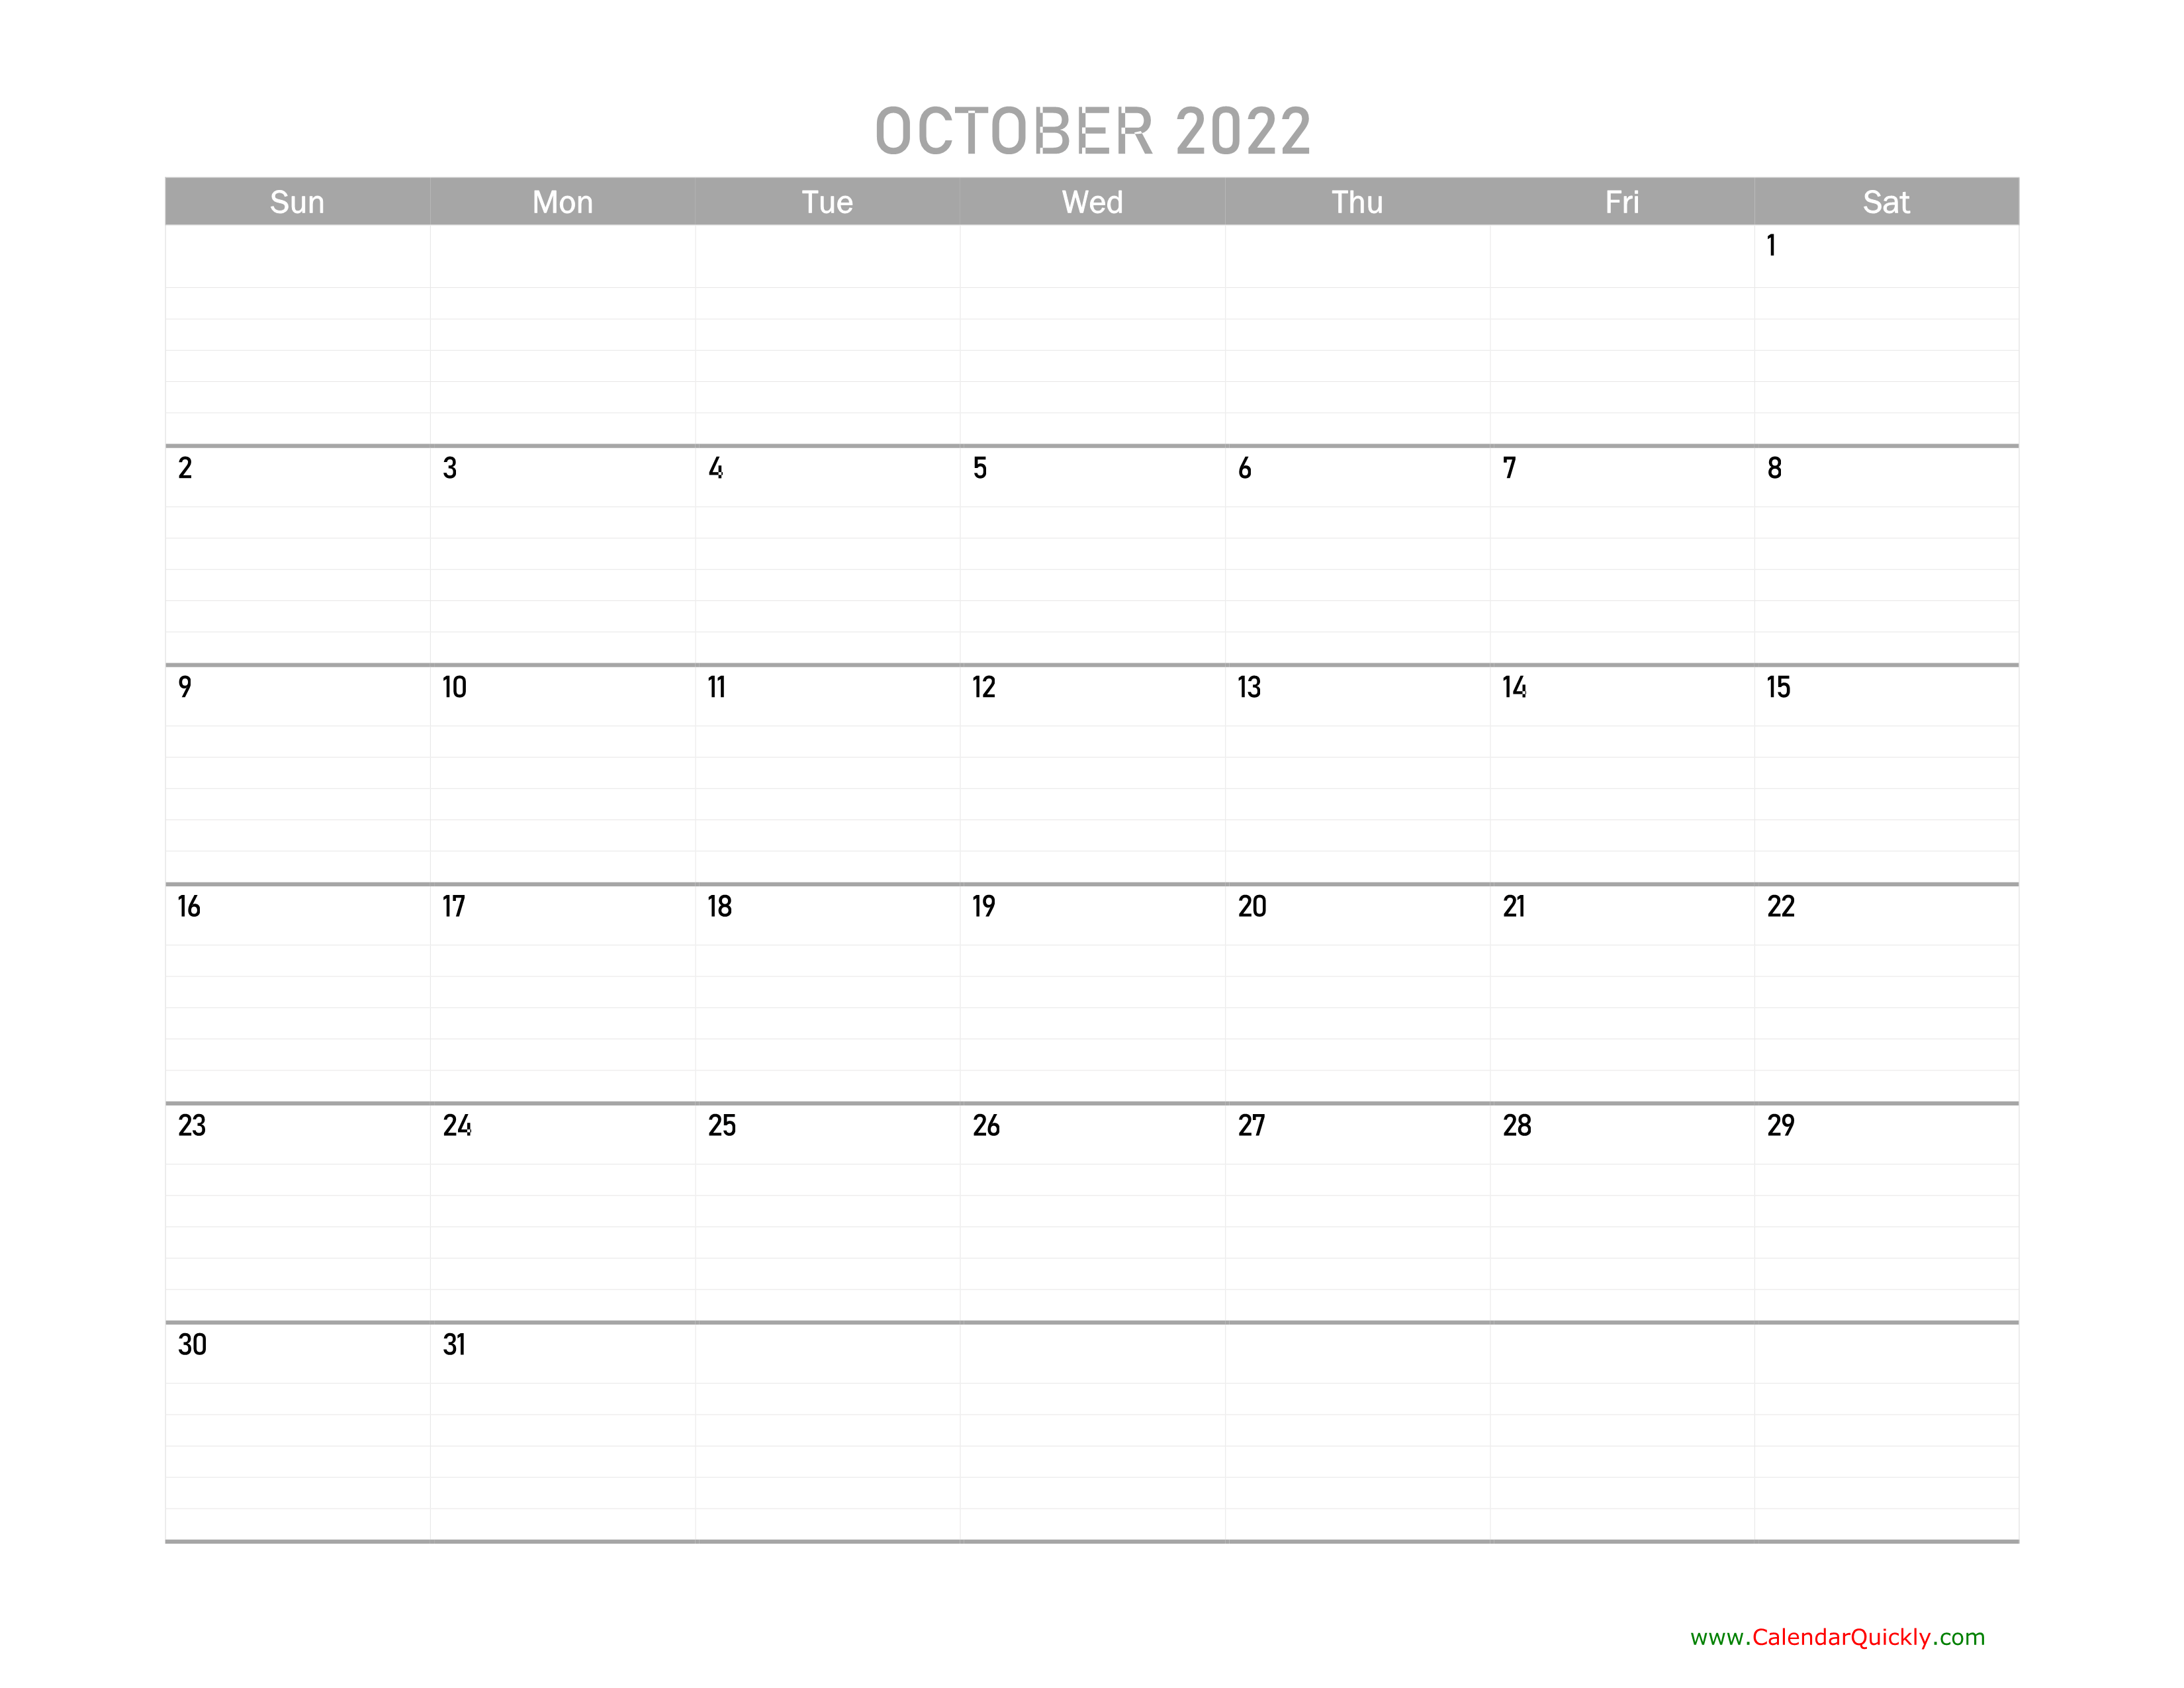 October Calendar 2022 Printable | Calendar Quickly